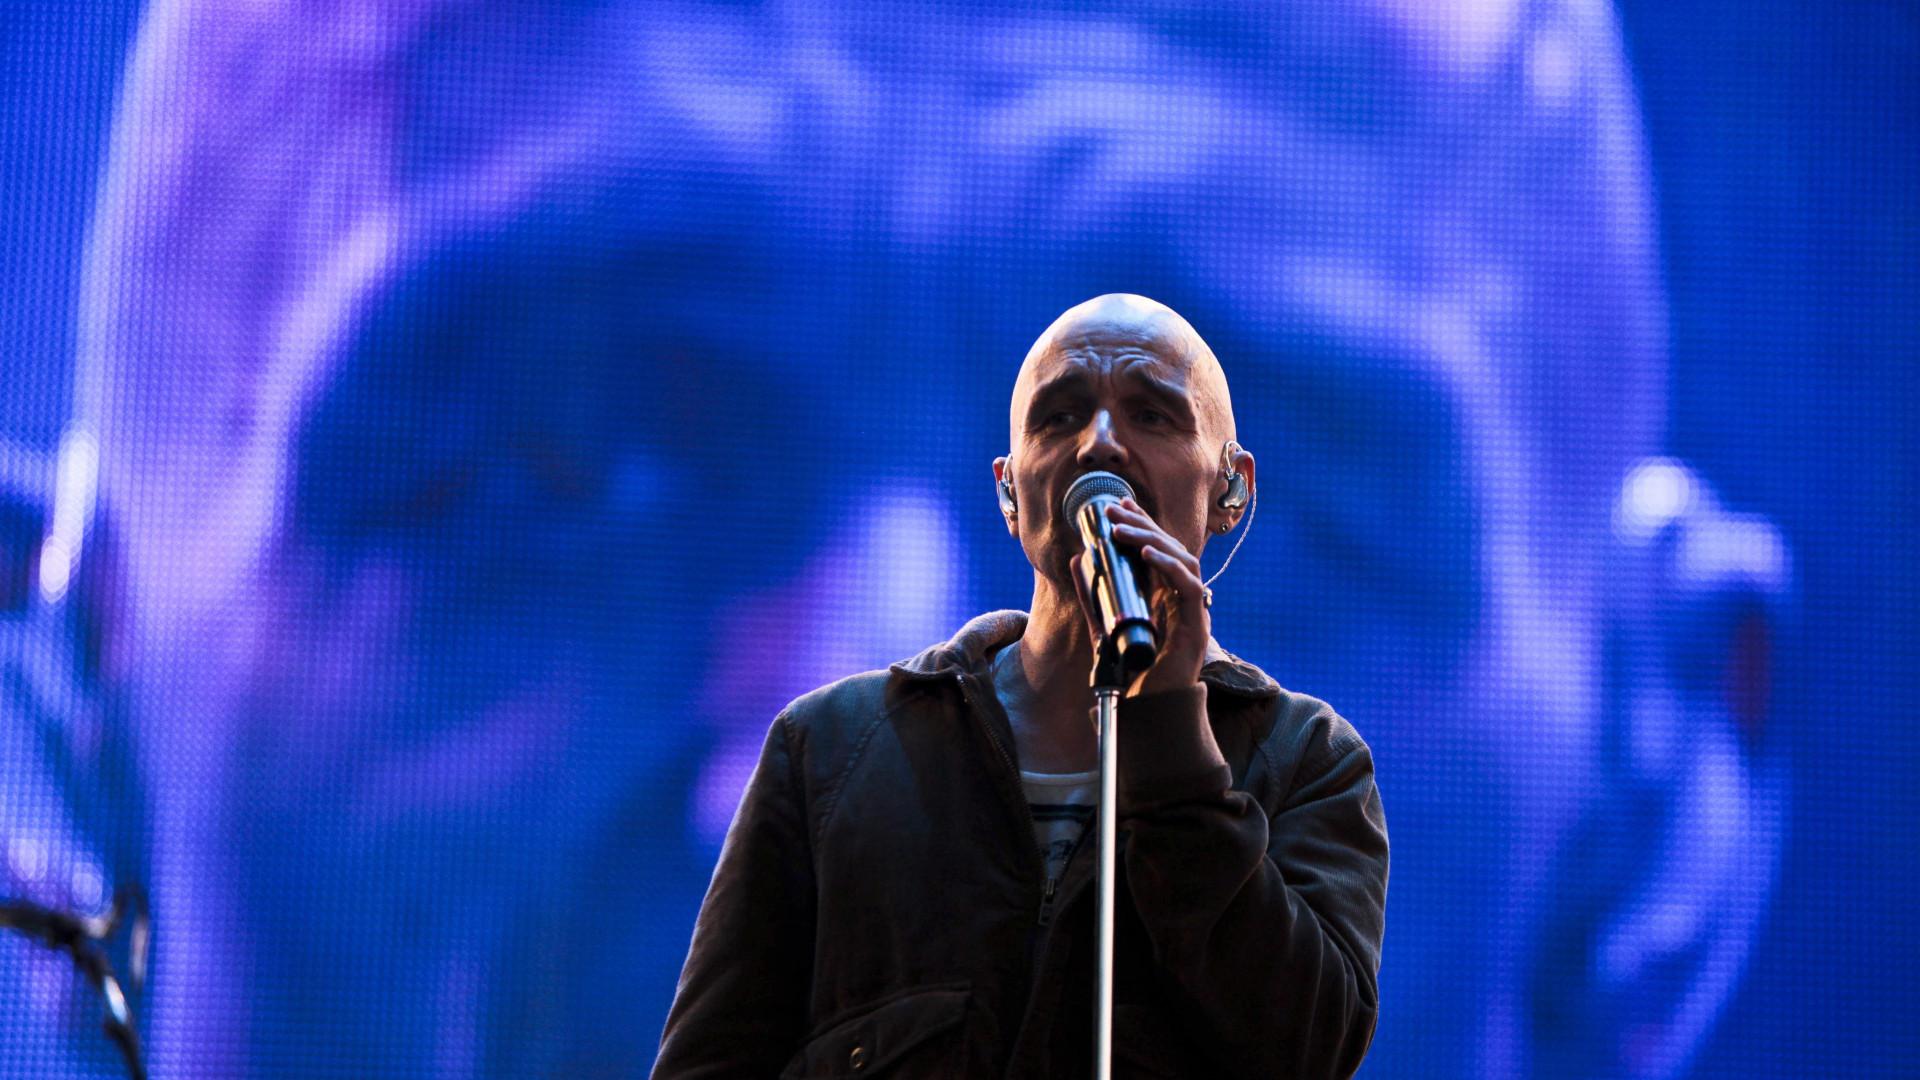 James atuam no dia 29 de junho no Rock in Rio